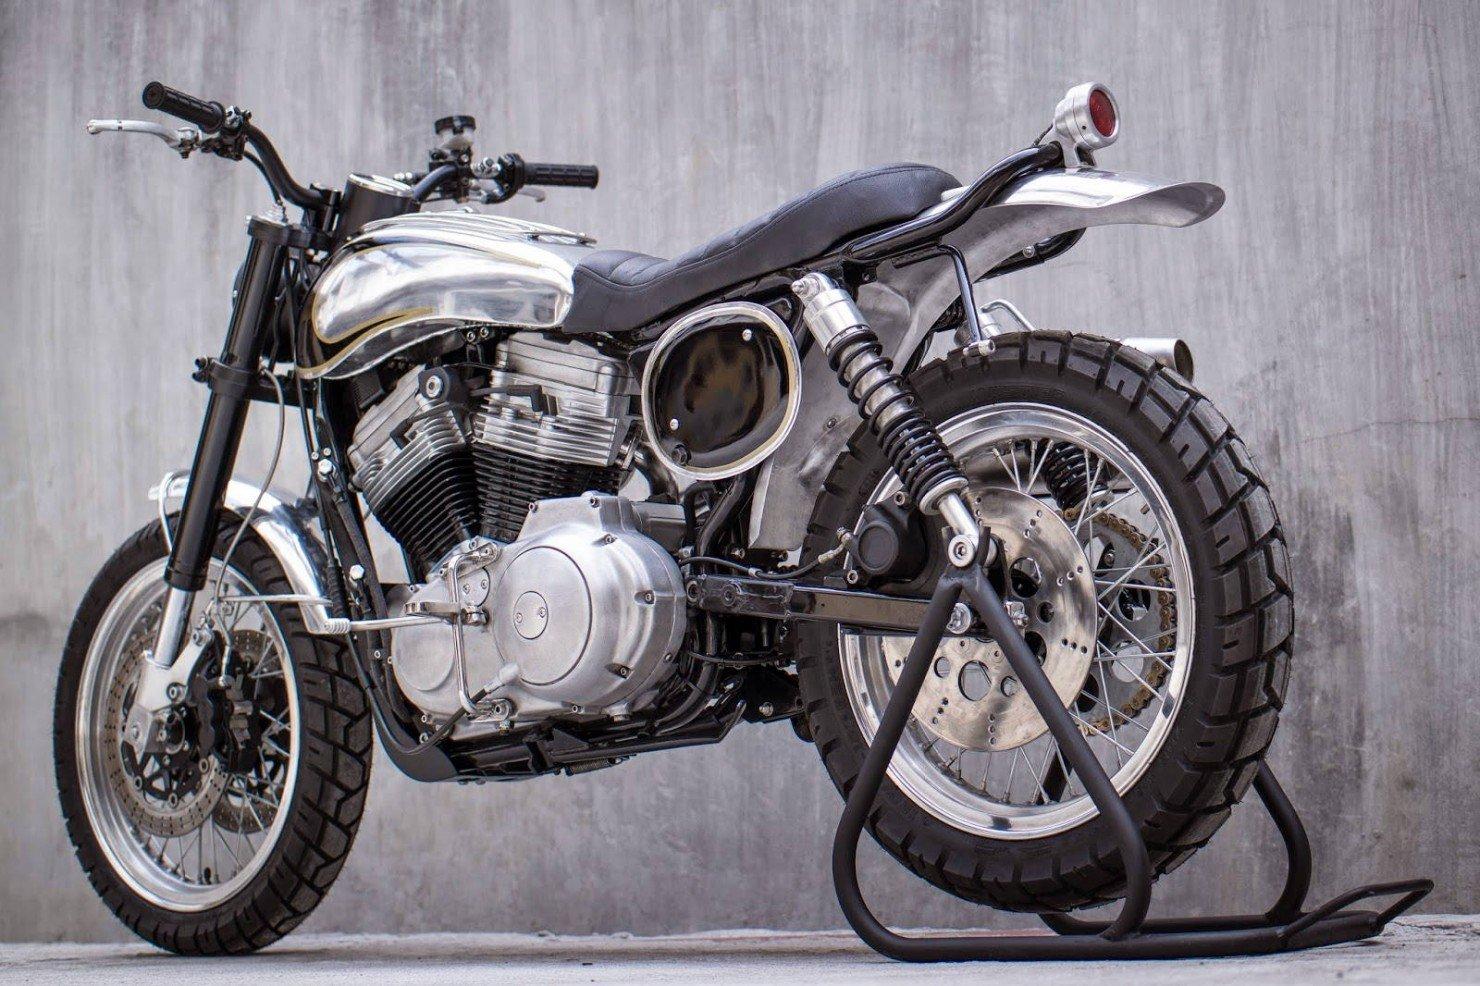 Harley-Davidson-Scrambler-Motorcycle-29